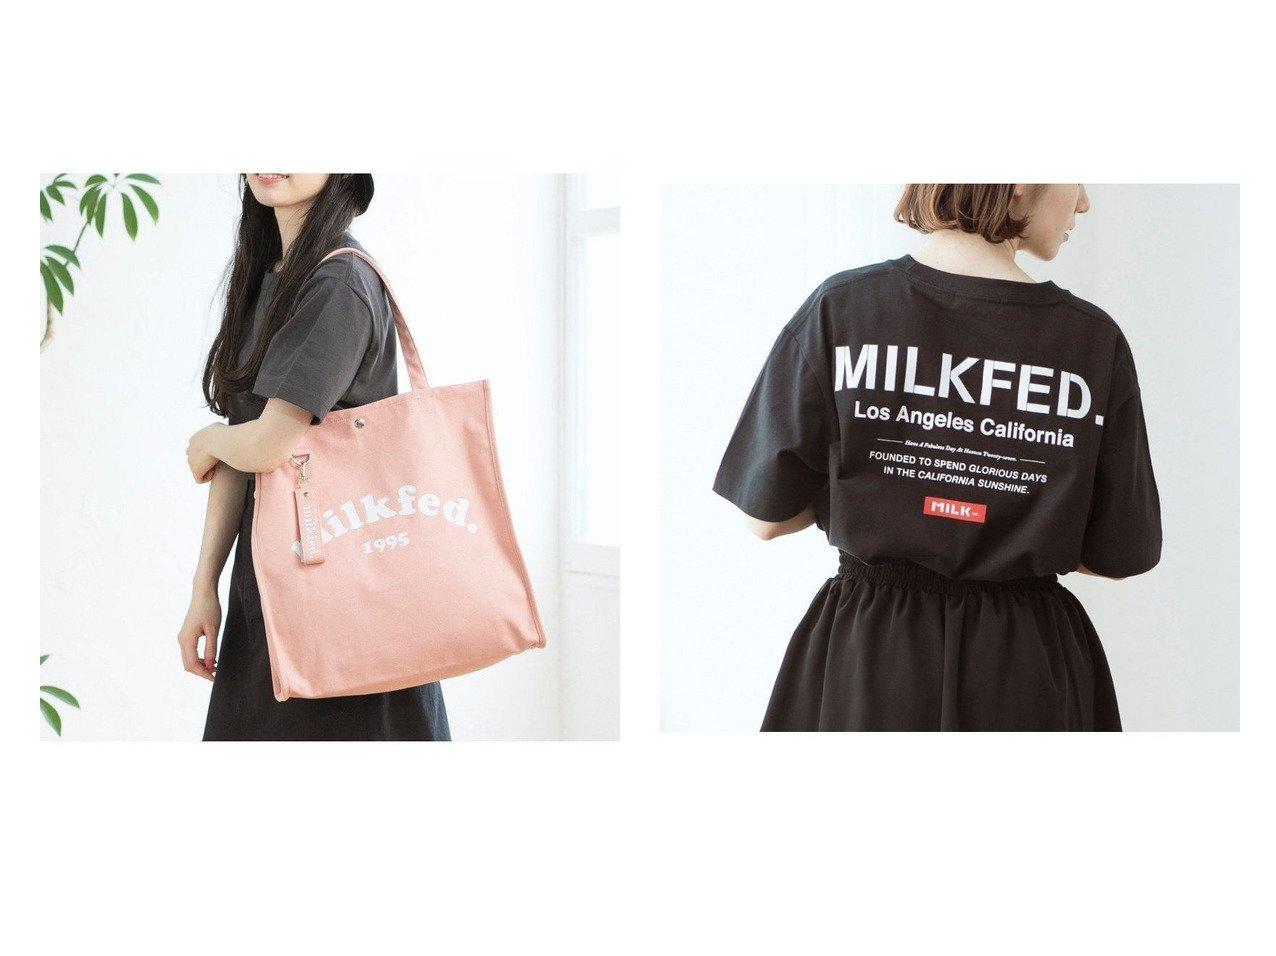 【MILKFED./ミルクフェド】のSS T EMBROID BAR STENCIL&PIPING TOTE COOPER L おすすめ!人気、トレンド・レディースファッションの通販 おすすめで人気の流行・トレンド、ファッションの通販商品 インテリア・家具・メンズファッション・キッズファッション・レディースファッション・服の通販 founy(ファニー) https://founy.com/ ファッション Fashion レディースファッション WOMEN トップス・カットソー Tops/Tshirt シャツ/ブラウス Shirts/Blouses ロング / Tシャツ T-Shirts カットソー Cut and Sewn バッグ Bag インナー 春 Spring カットソー ガーリー キャミワンピース ジャケット デニム トレンド 定番 Standard 人気 フェミニン プリント 羽織 S/S・春夏 SS・Spring/Summer おすすめ Recommend お家時間・ステイホーム Home Time/Stay Home 夏 Summer キーホルダー スクエア チャーム トートバック ポケット  ID:crp329100000064054